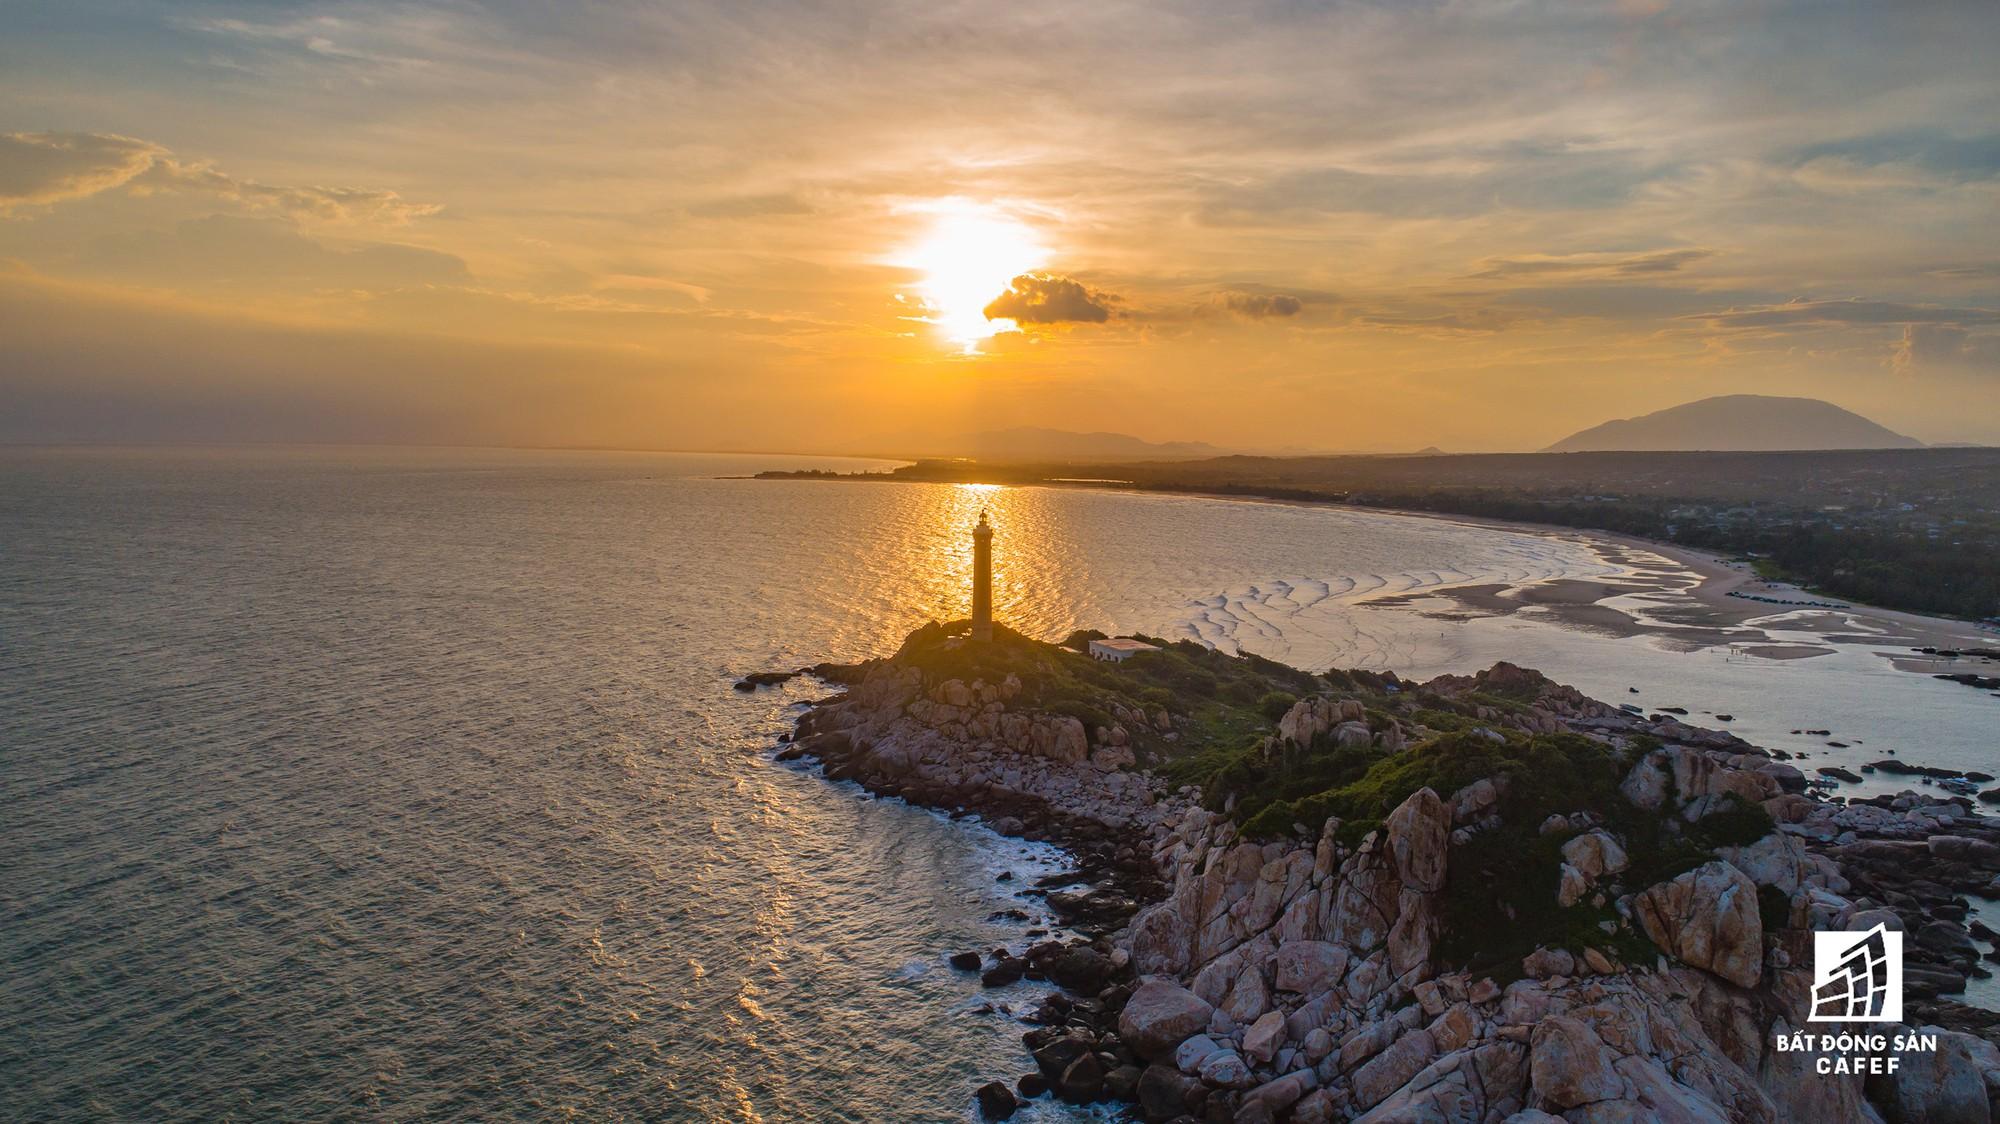 Quy hoạch thành khu du lịch quốc gia, dải ven biển này đang đón dòng vốn hàng tỷ USD, giá đất tăng chóng mặt - Ảnh 18.